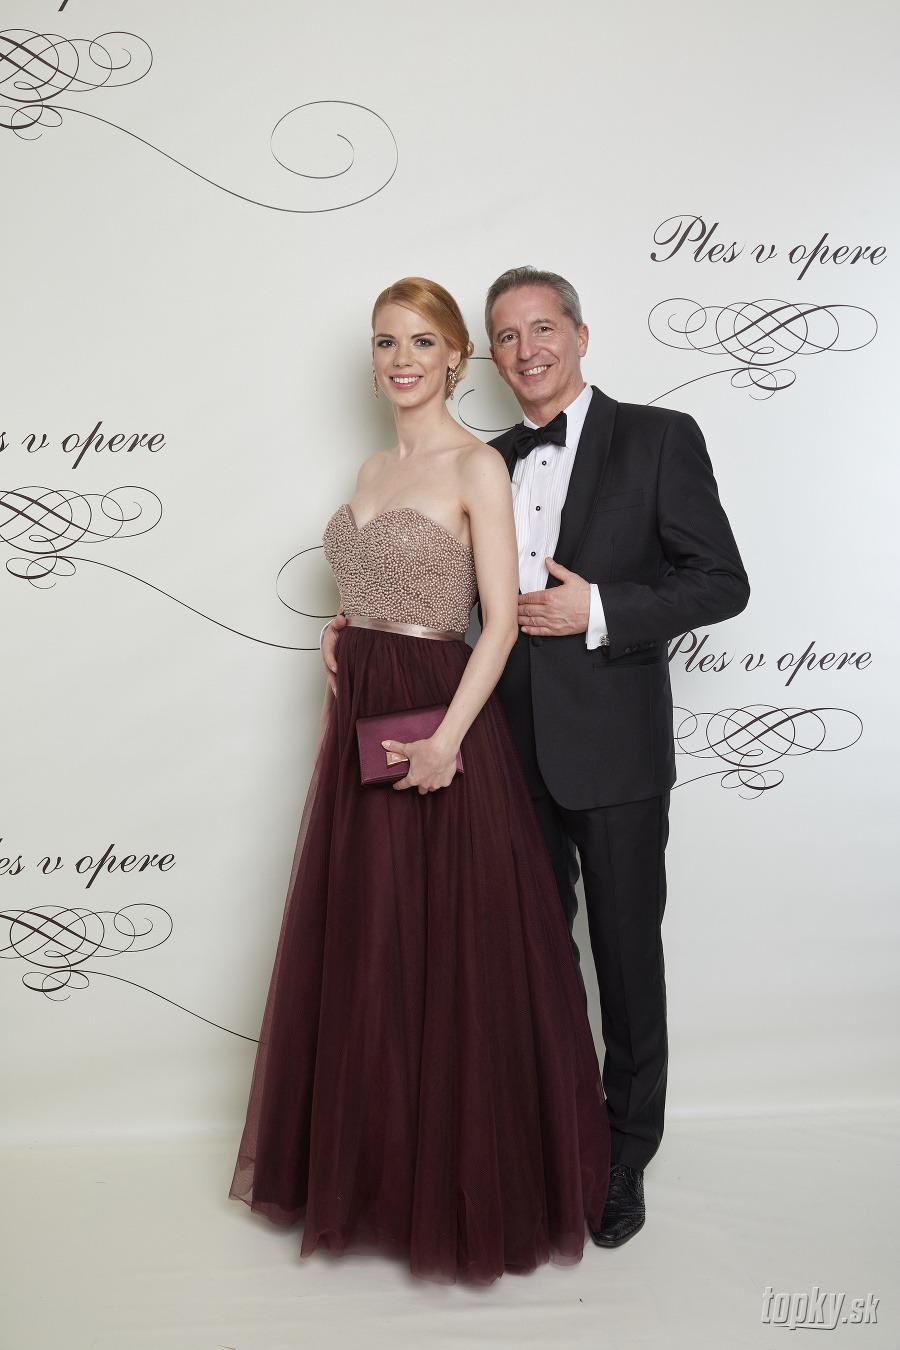 Ples v opere 2018  Plesové šaty prominentných Sloveniek... Prvé ... 75e1030a04